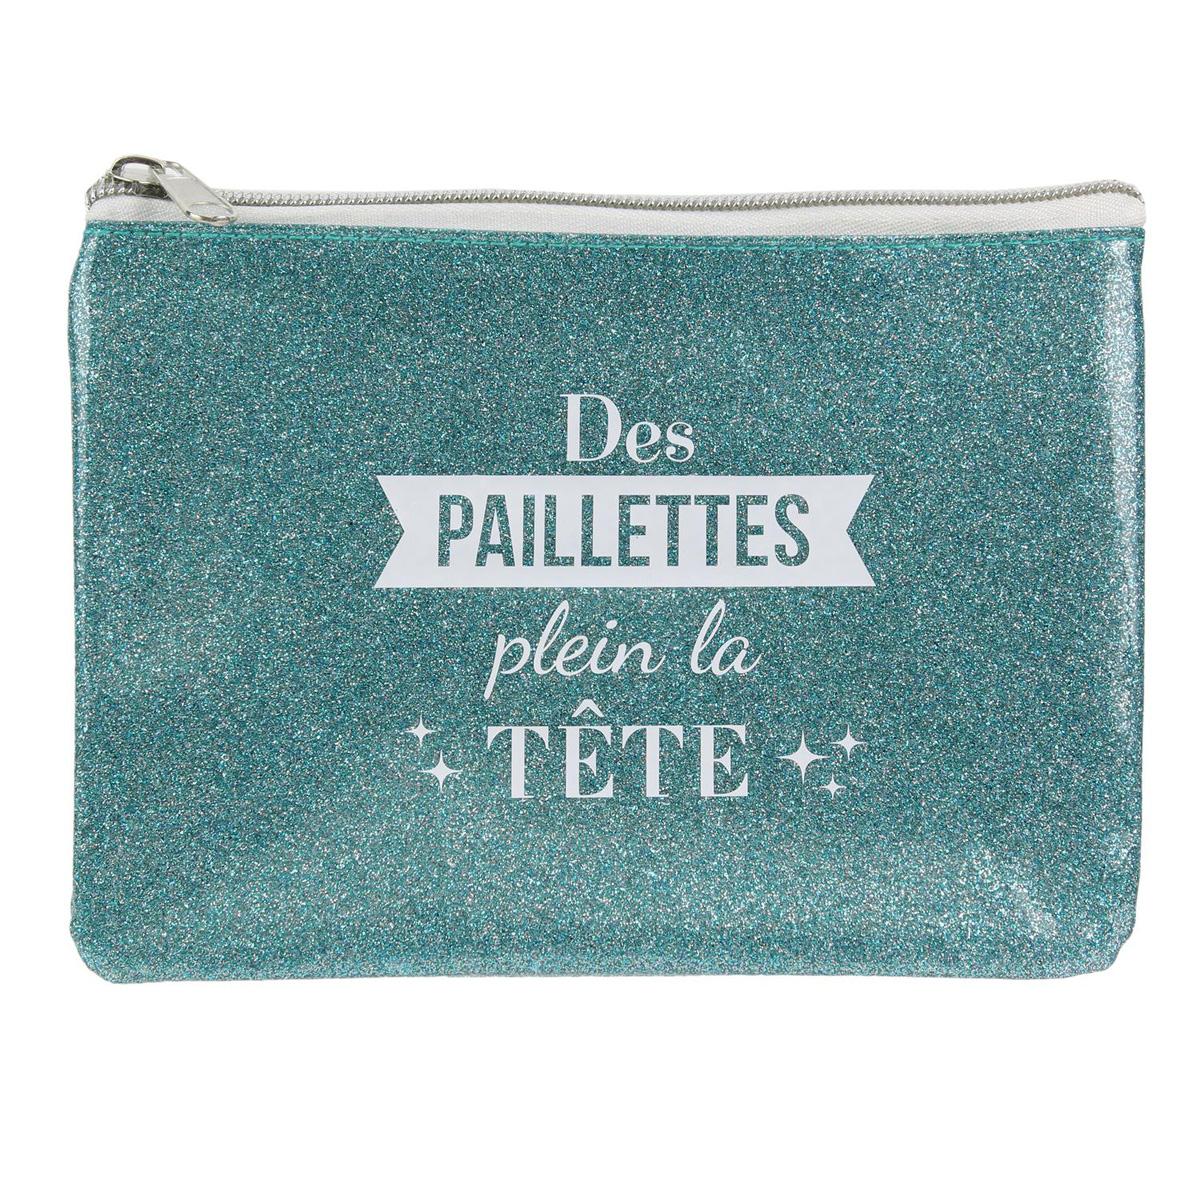 Pochette plate \'Messages Paillettes\' turquoise (des paillettes plein la tête) - 19x128 cm - [Q4387]